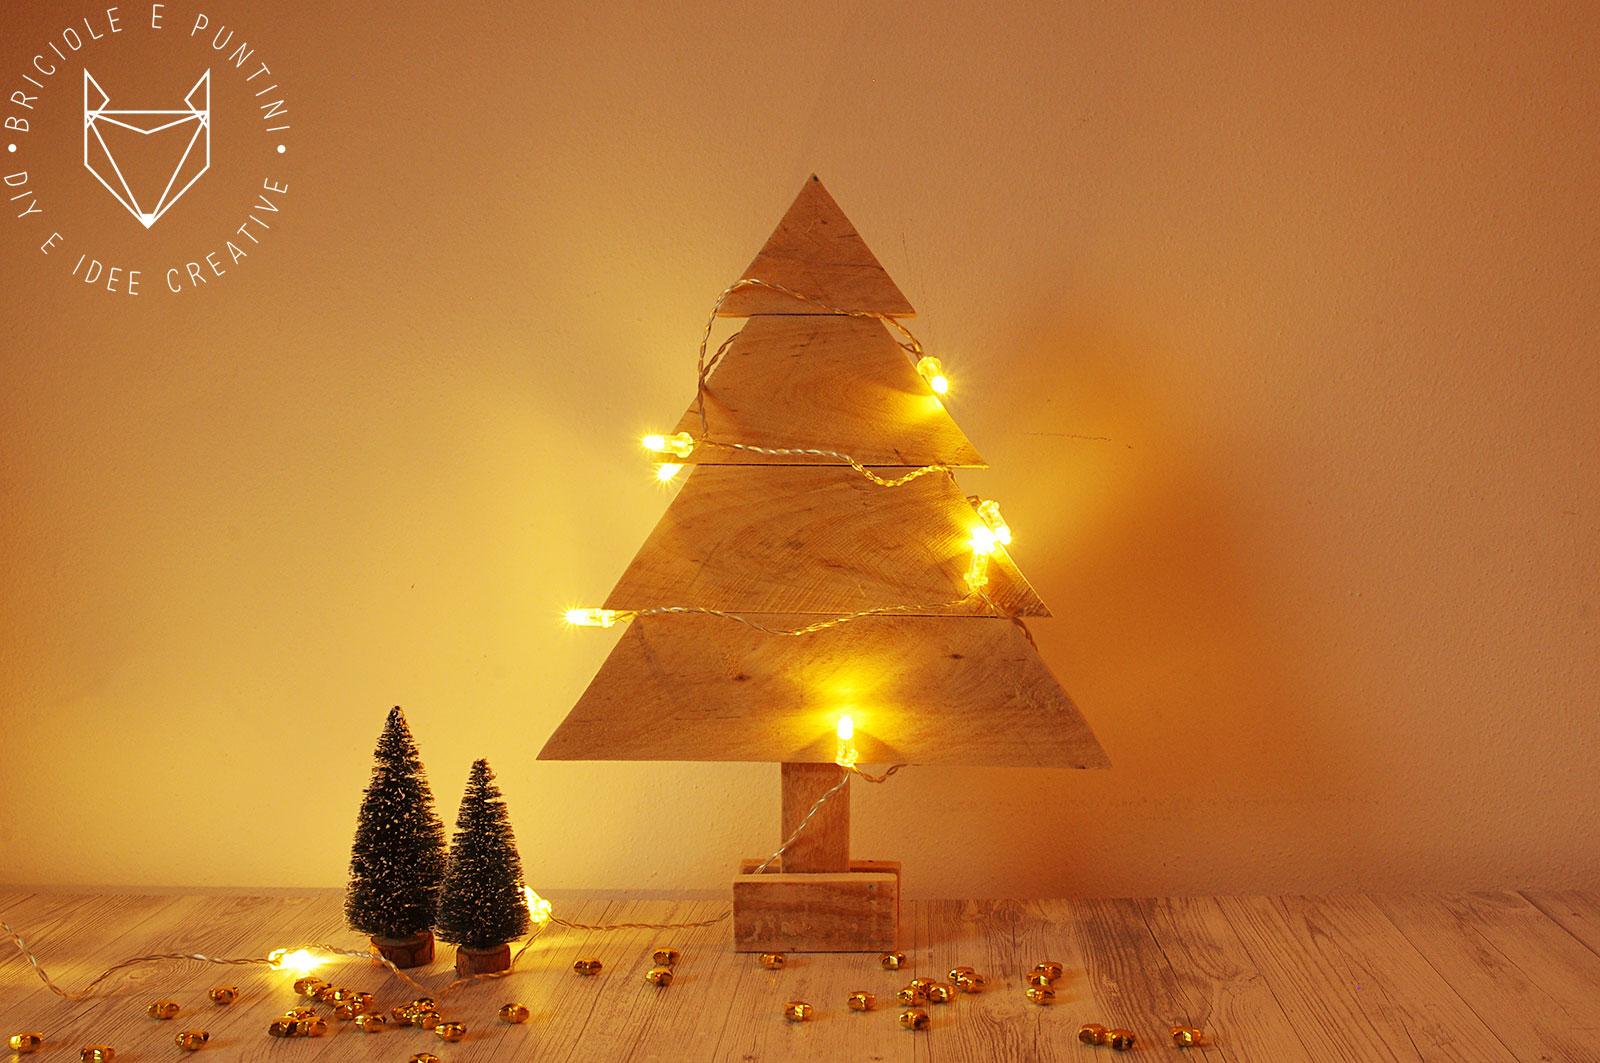 Idee Di Riciclo Per Natale albero di natale in legno con i pallet riciclati • briciole